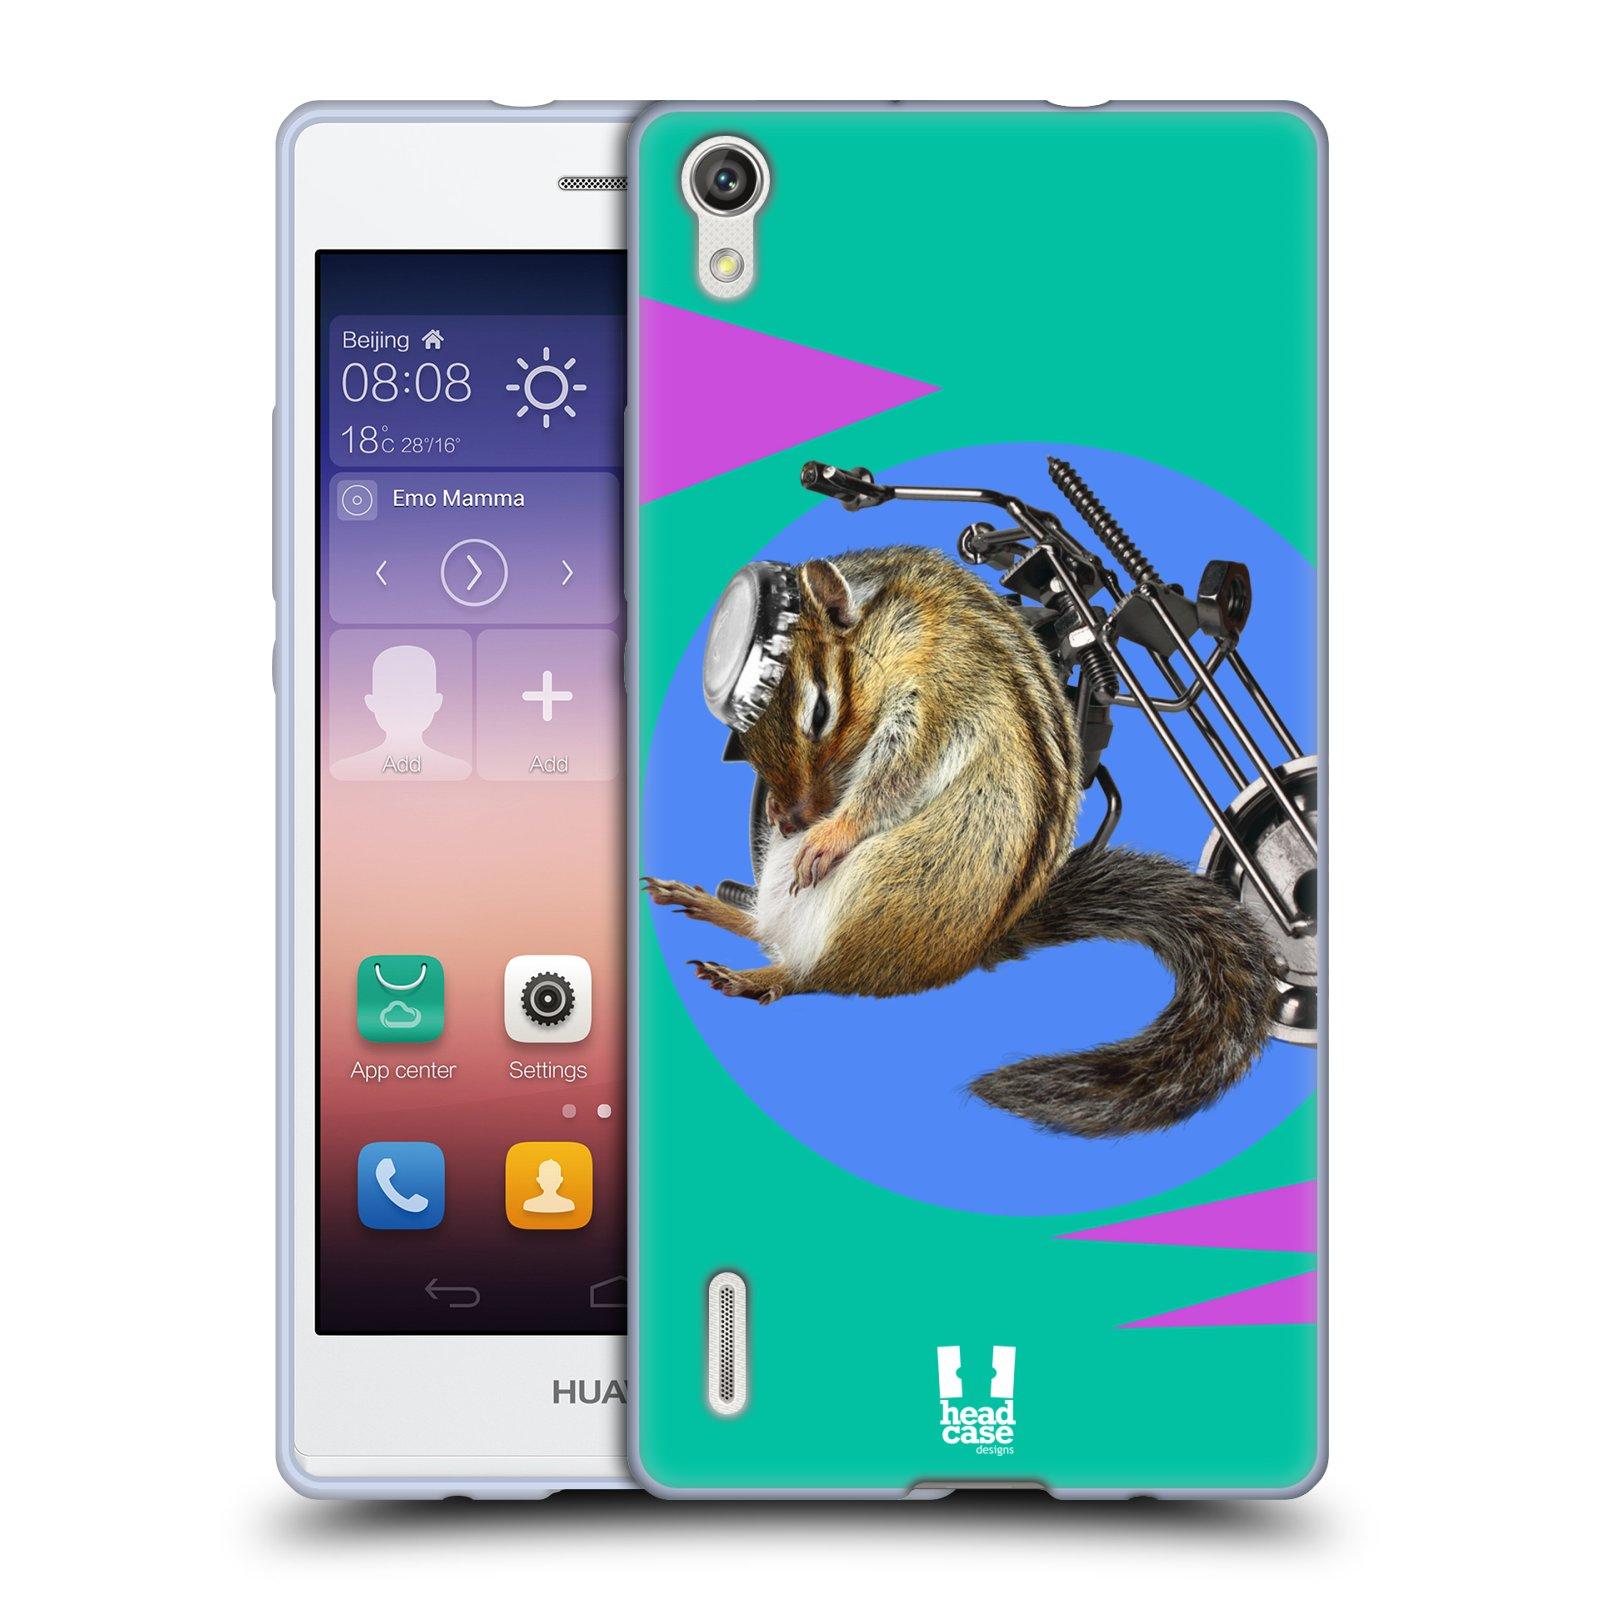 HEAD CASE silikonový obal na mobil Huawei Ascend P7 Legrační zvířátka veverka motorkář chipmunk